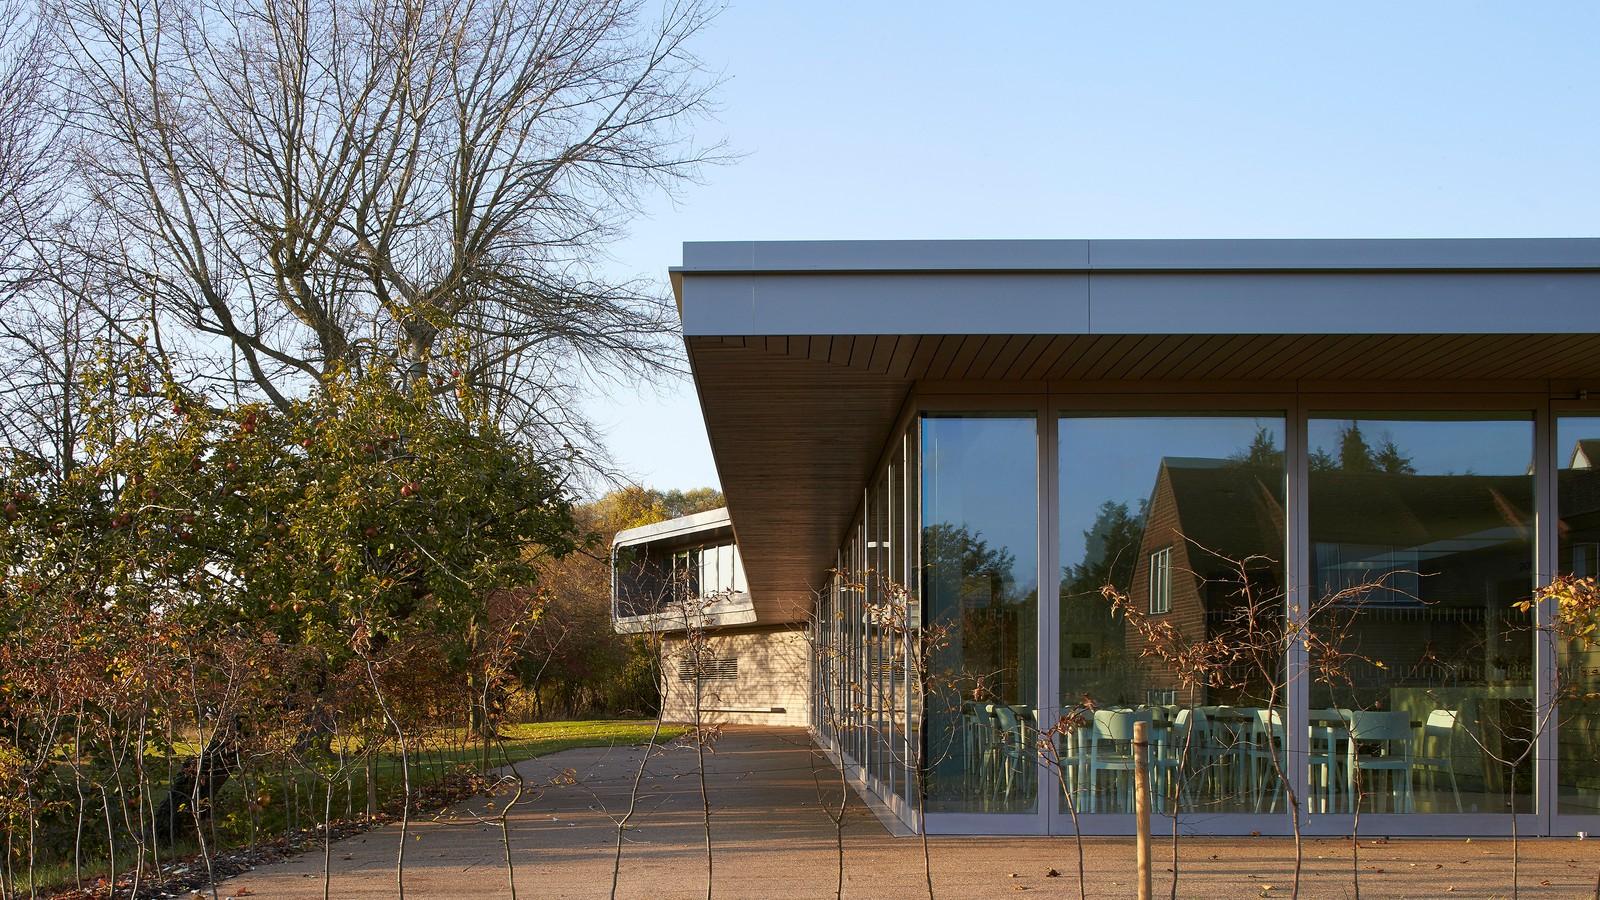 Henry Moore Studios & Gardens 1